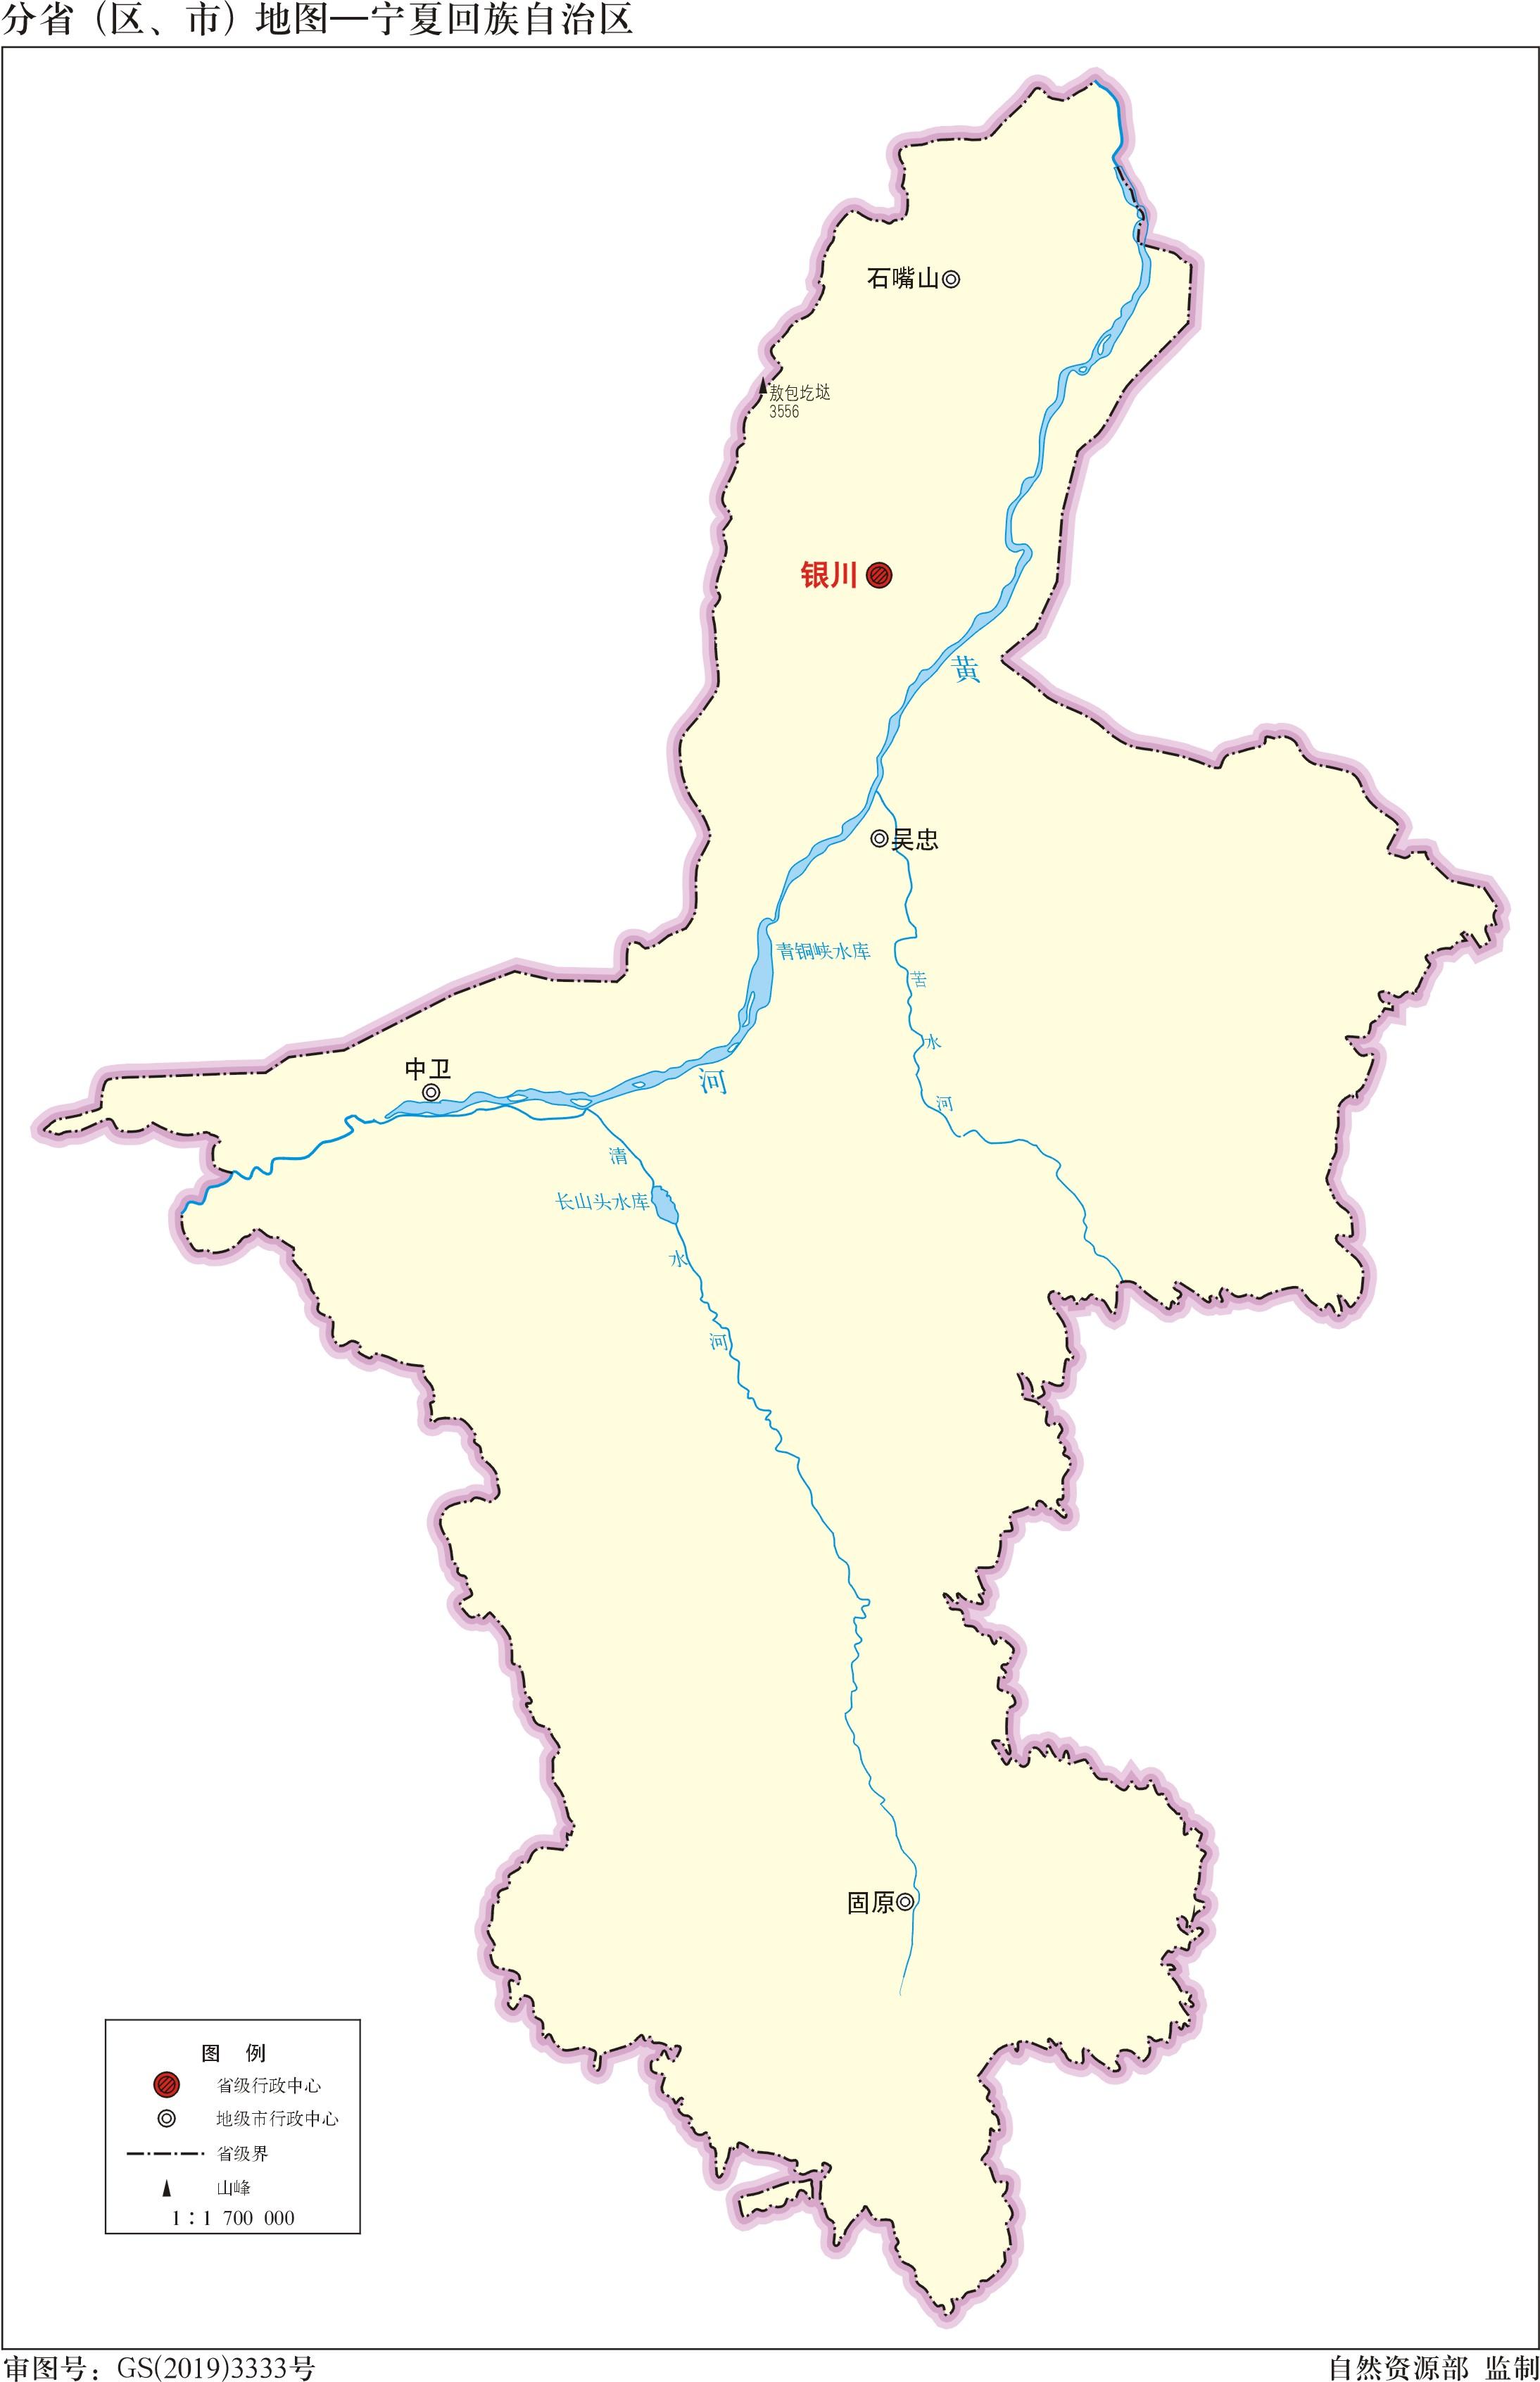 贵州省政区图_宁夏标准地图(边界版)_宁夏地图库_地图窝